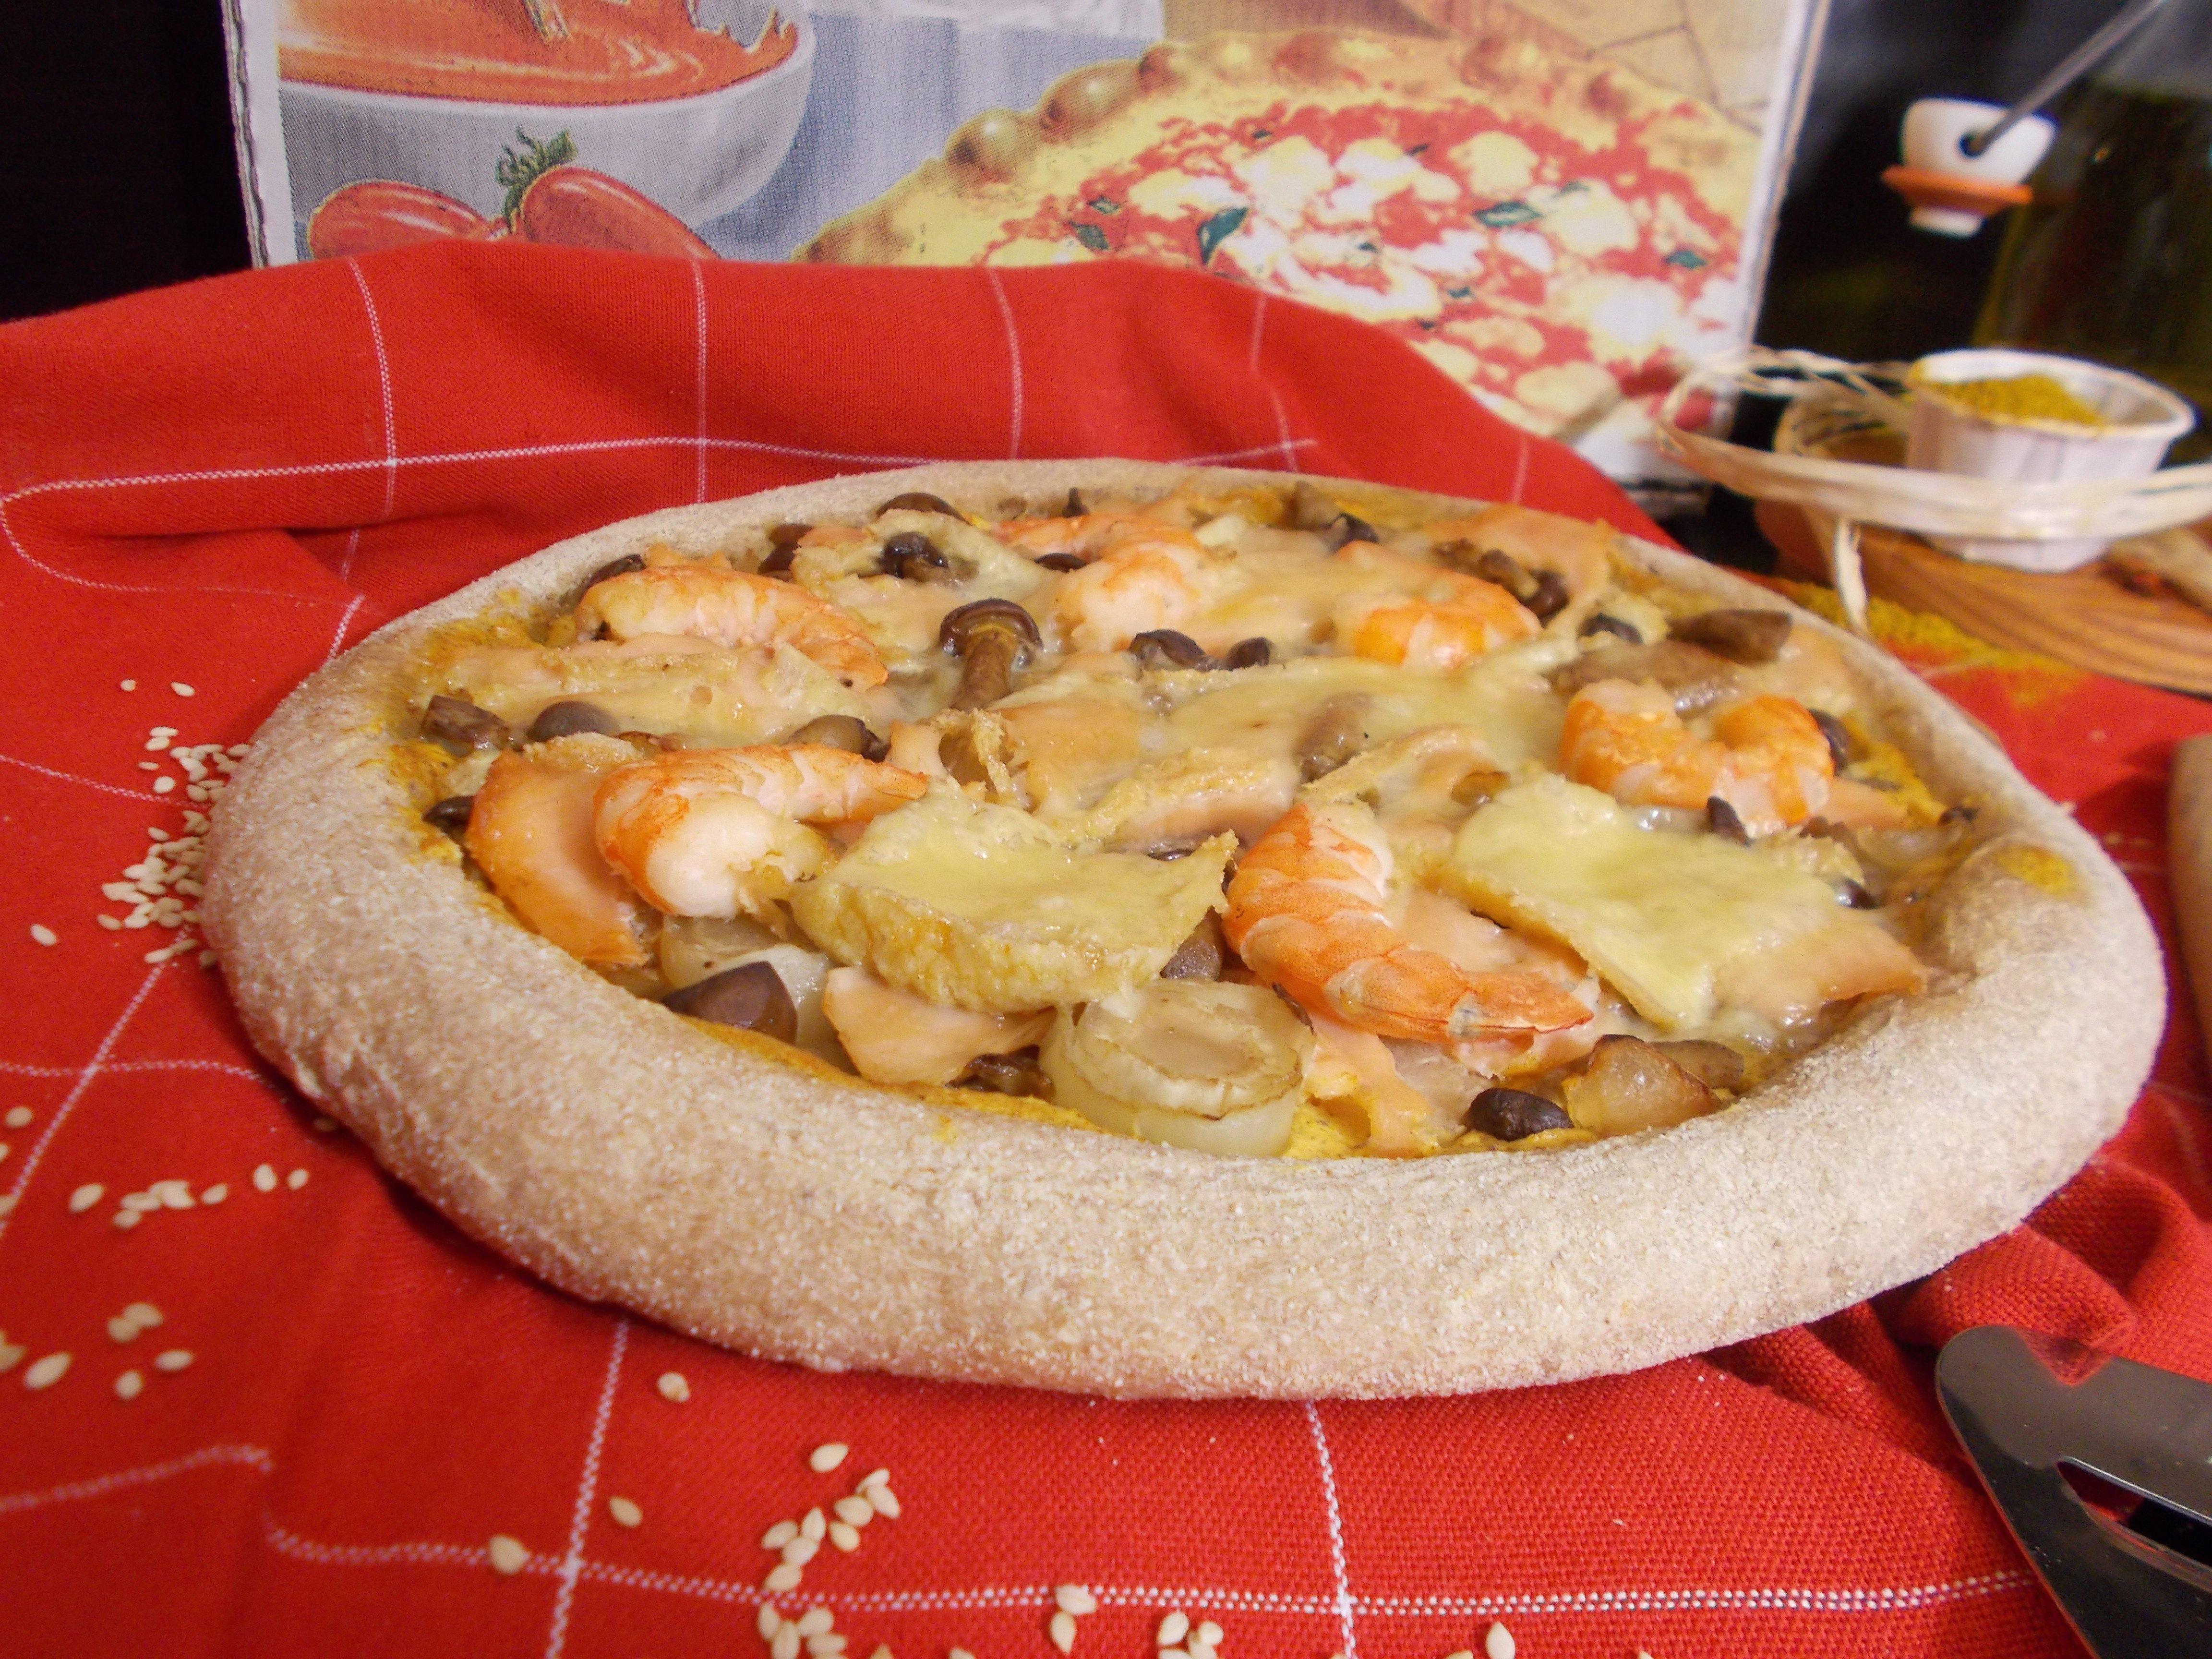 Pizza au saumon fumé, crevette et maroilles au curry